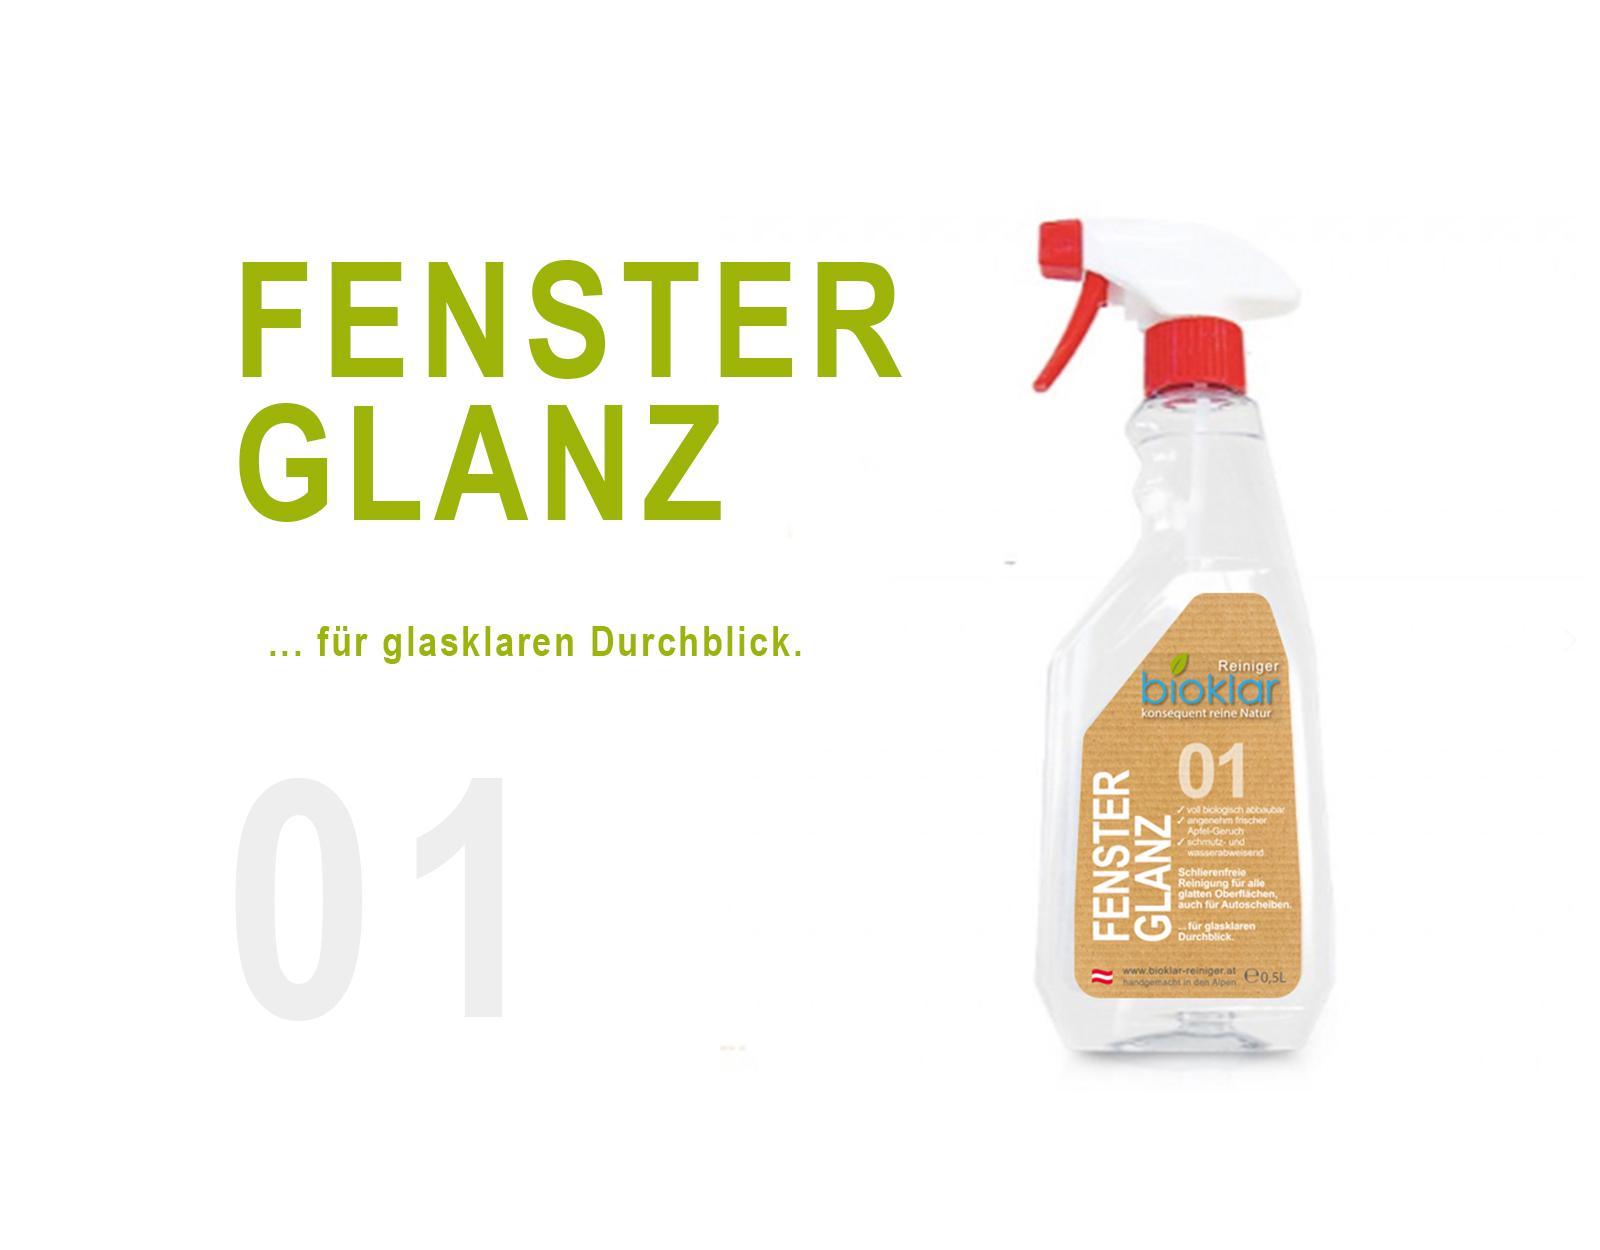 01 FENSTER GLANZ